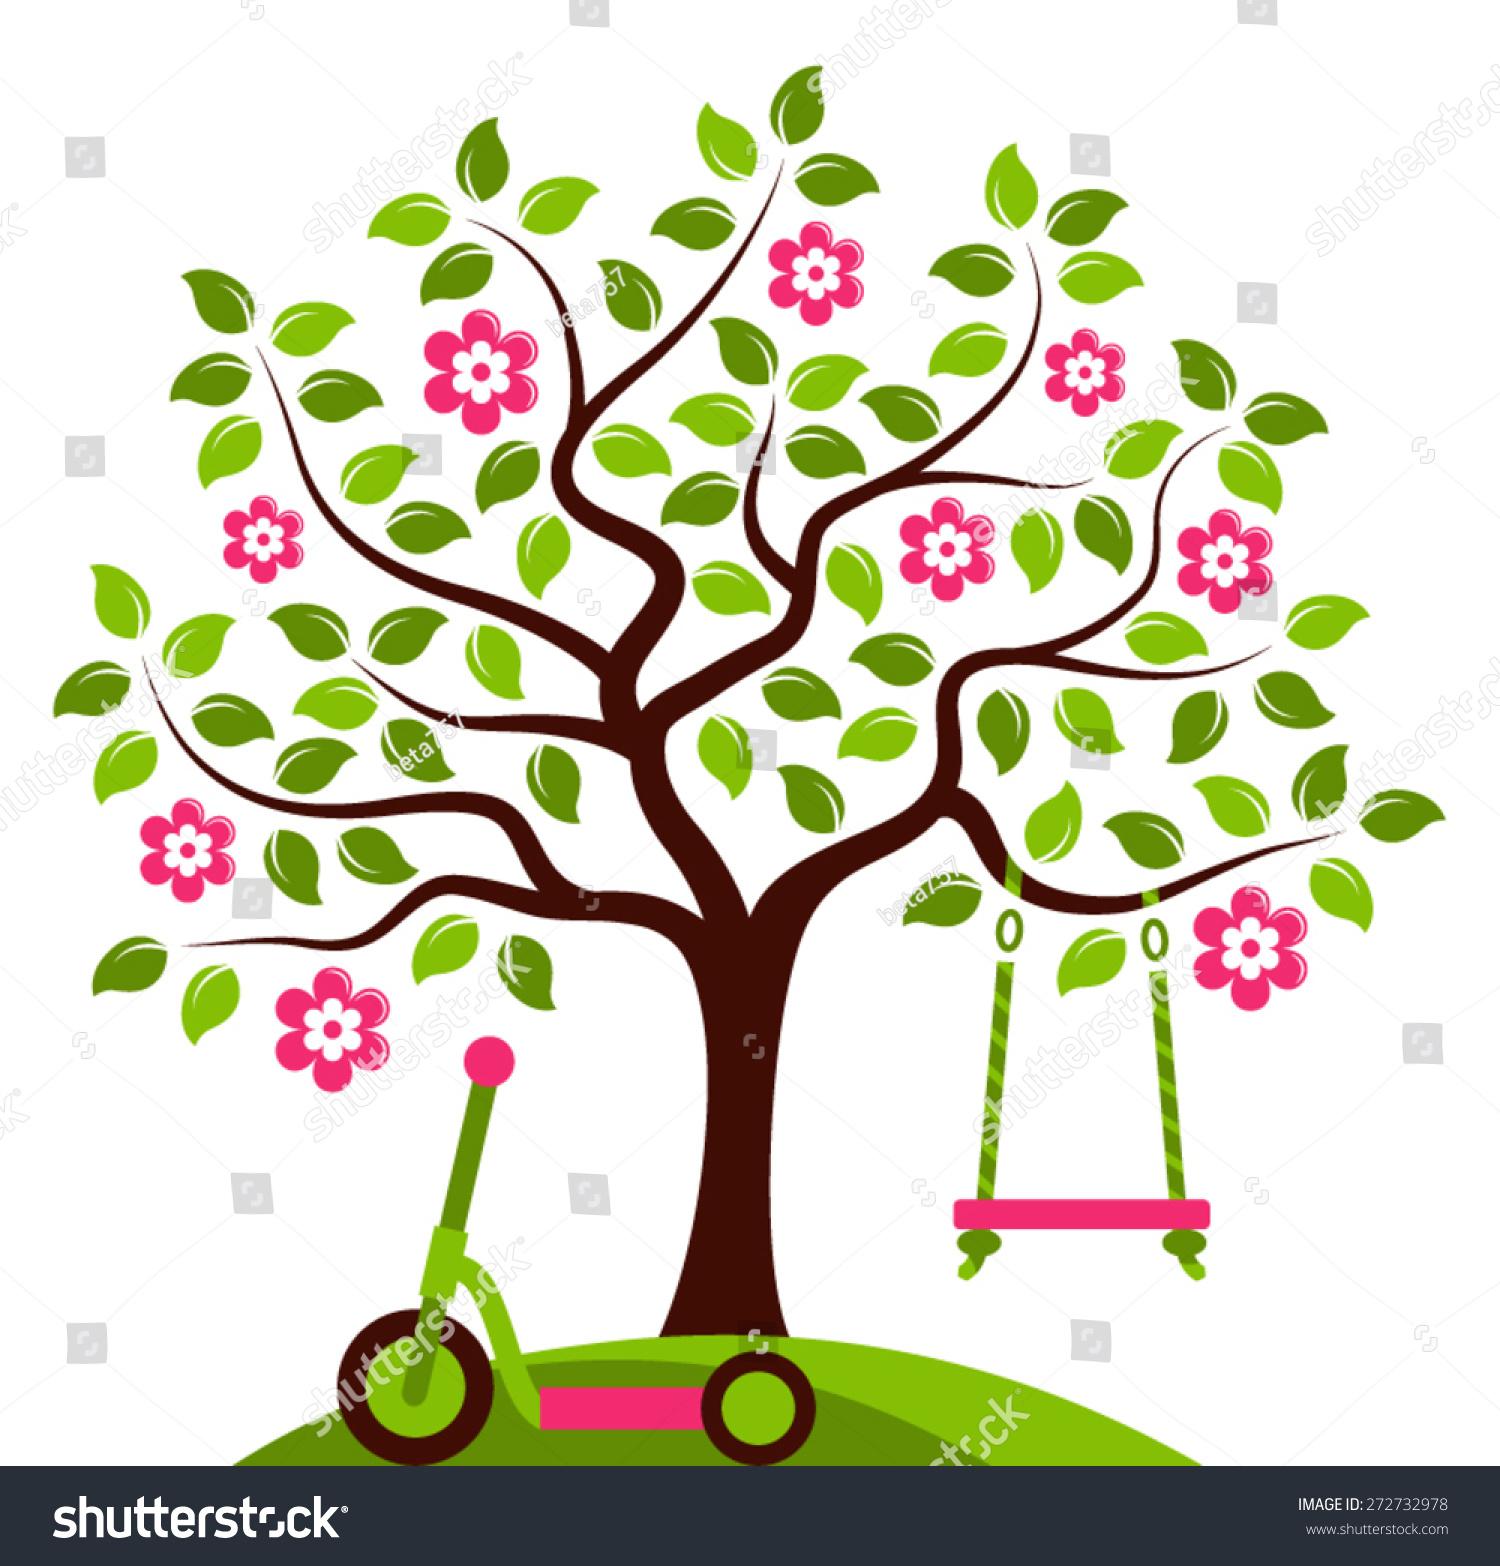 向量开花的树与swing和摩托车孤立在白色背景-自然